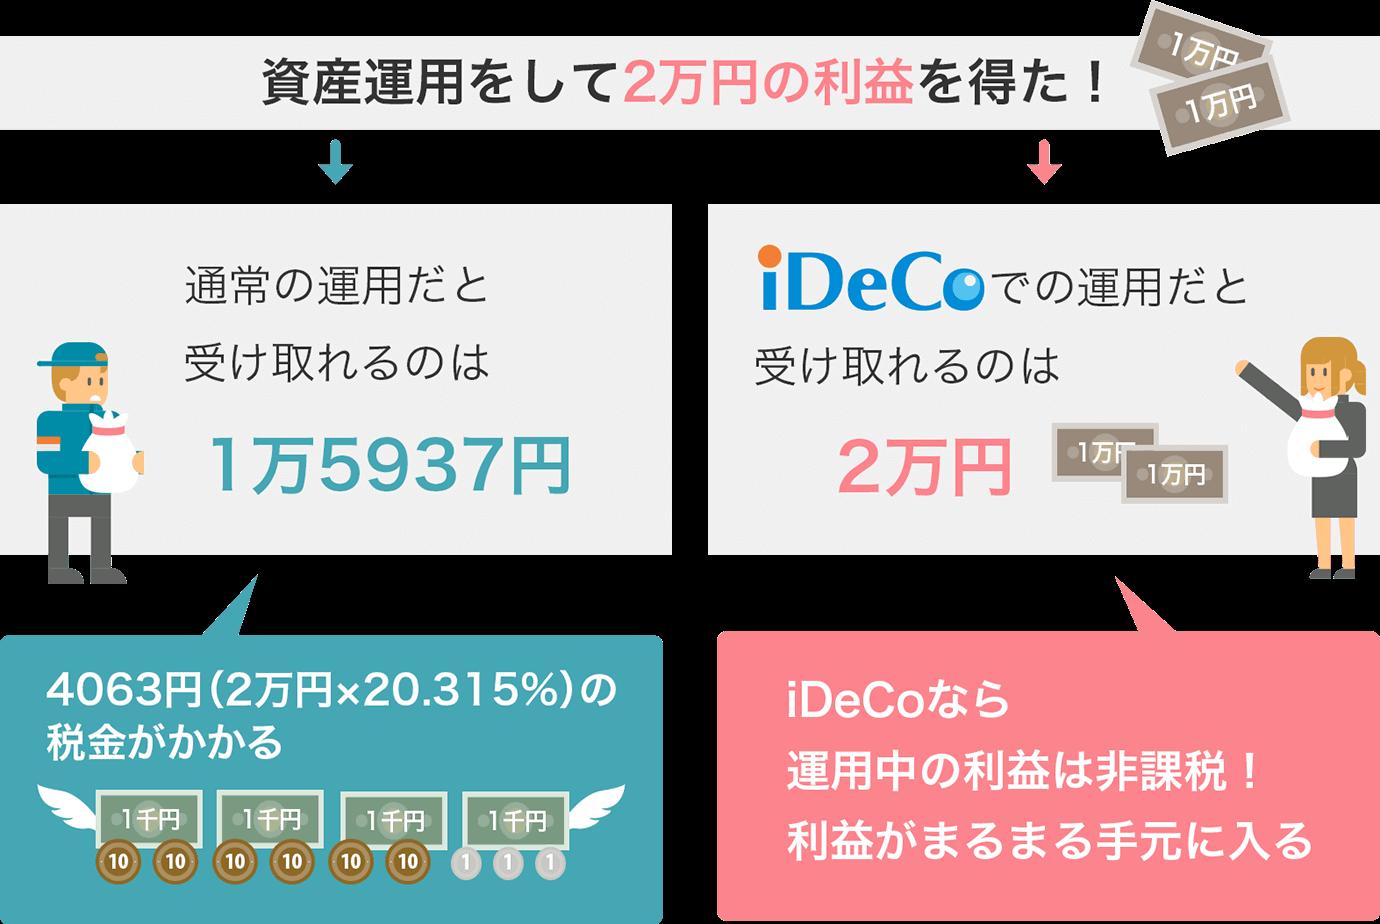 iDeCo(イデコ)なら運用中の利益がまるまる入ってくる!